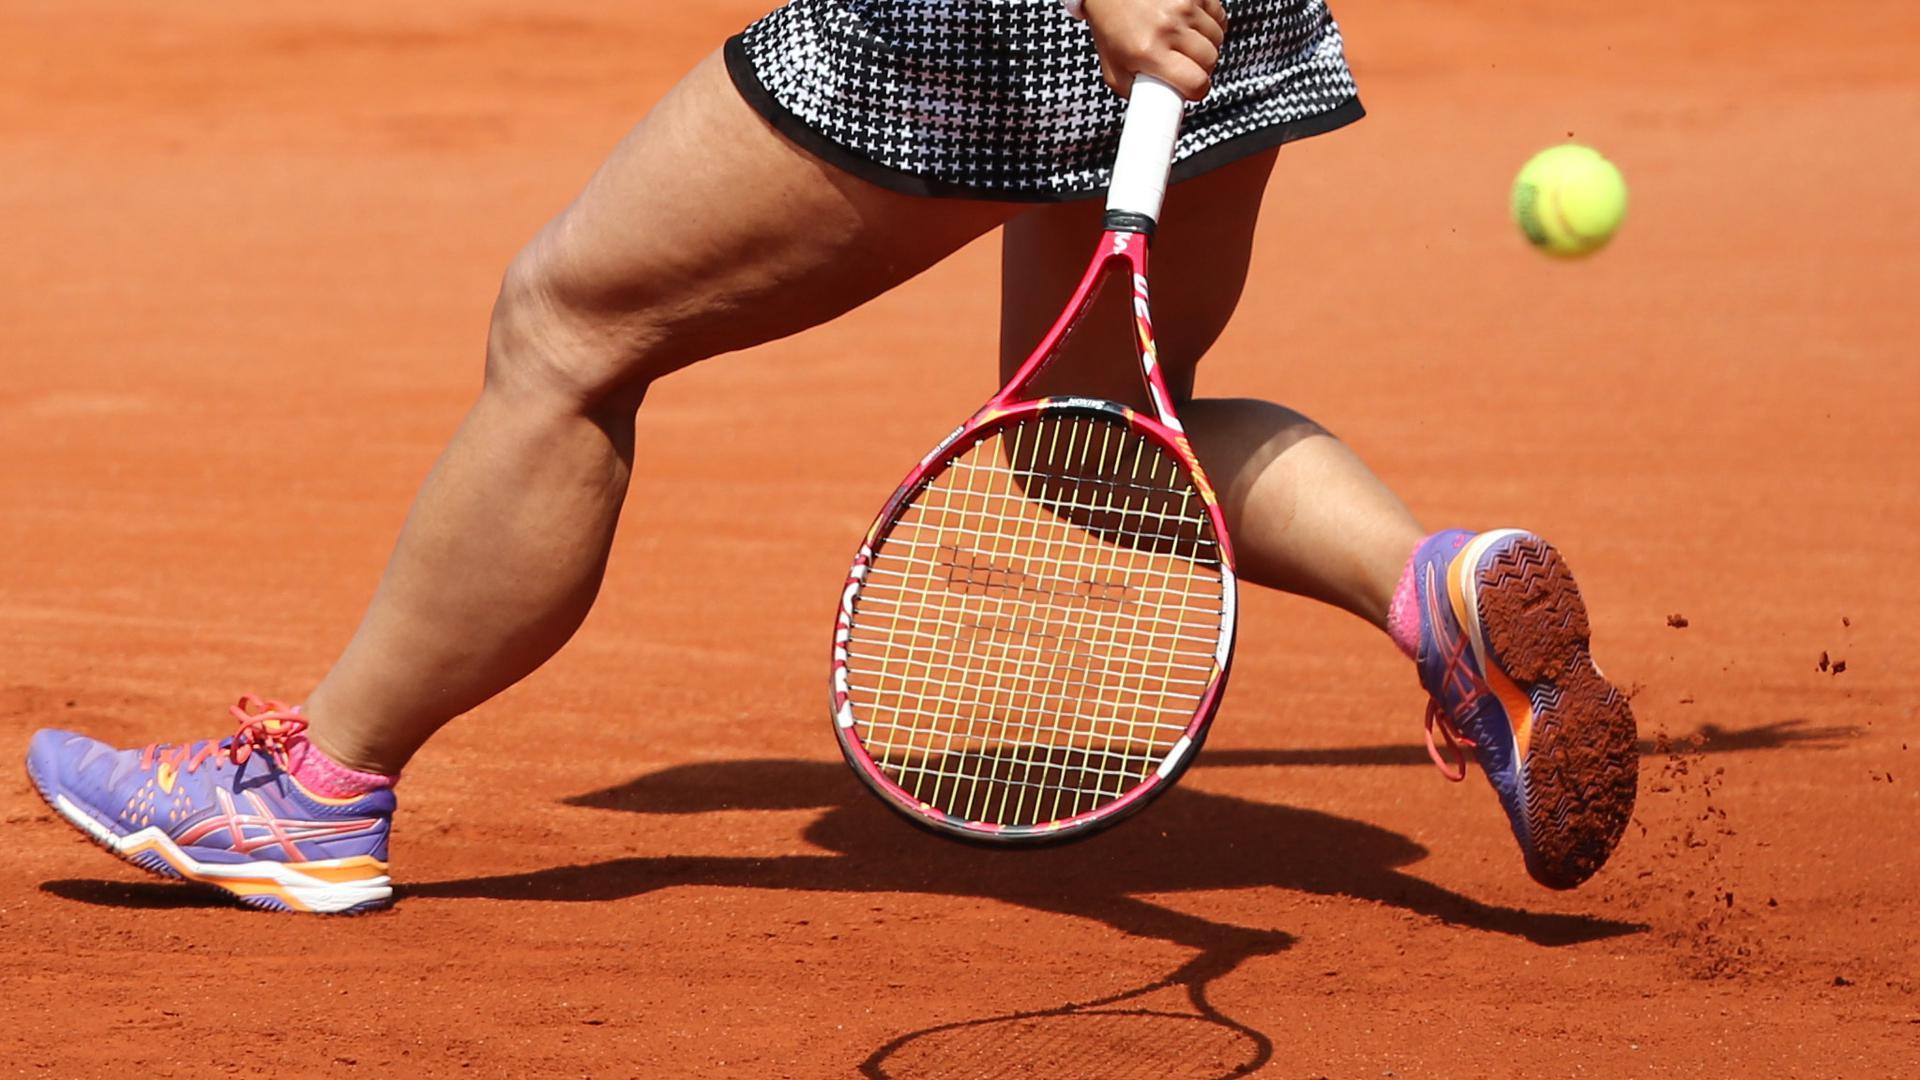 Die japanische Tennisspielerin Misaki Doi spielt am 21.05.2015 während des WTA-Tennisturniers in Nürnberg (Bayern) im Viertelfinale gegen die Deutsche Kerber. Foto: Daniel Karmann/dpa +++(c) dpa - Bildfunk+++ |